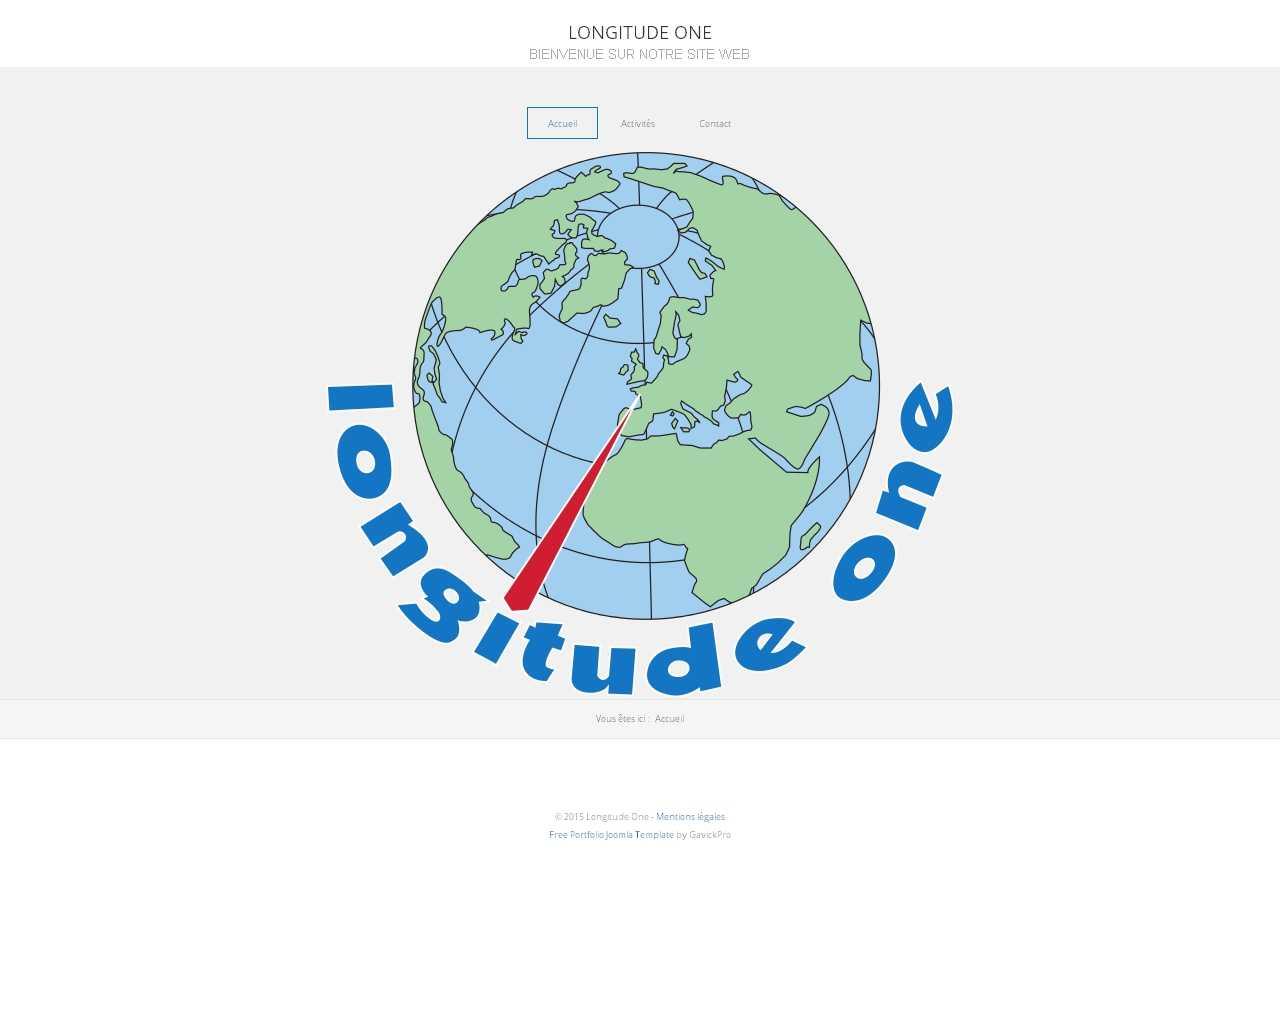 Longitude One